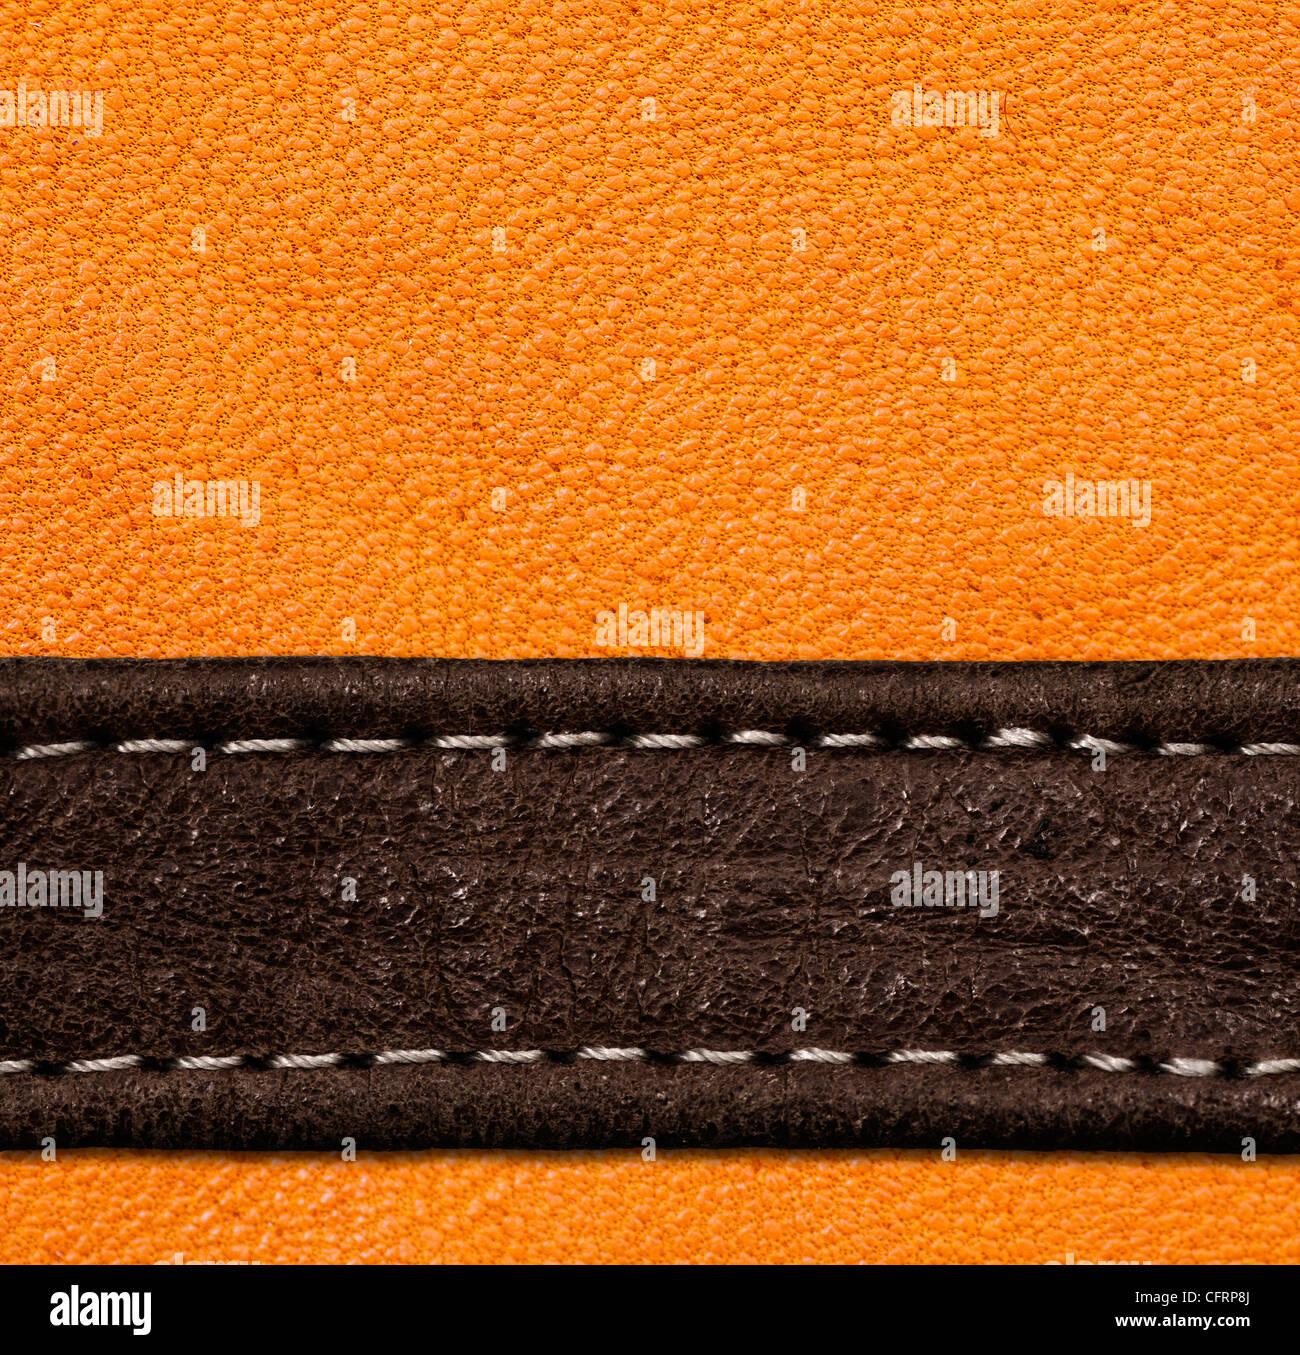 Une texture de cuir brun et noir. haute résolution. Photo Stock